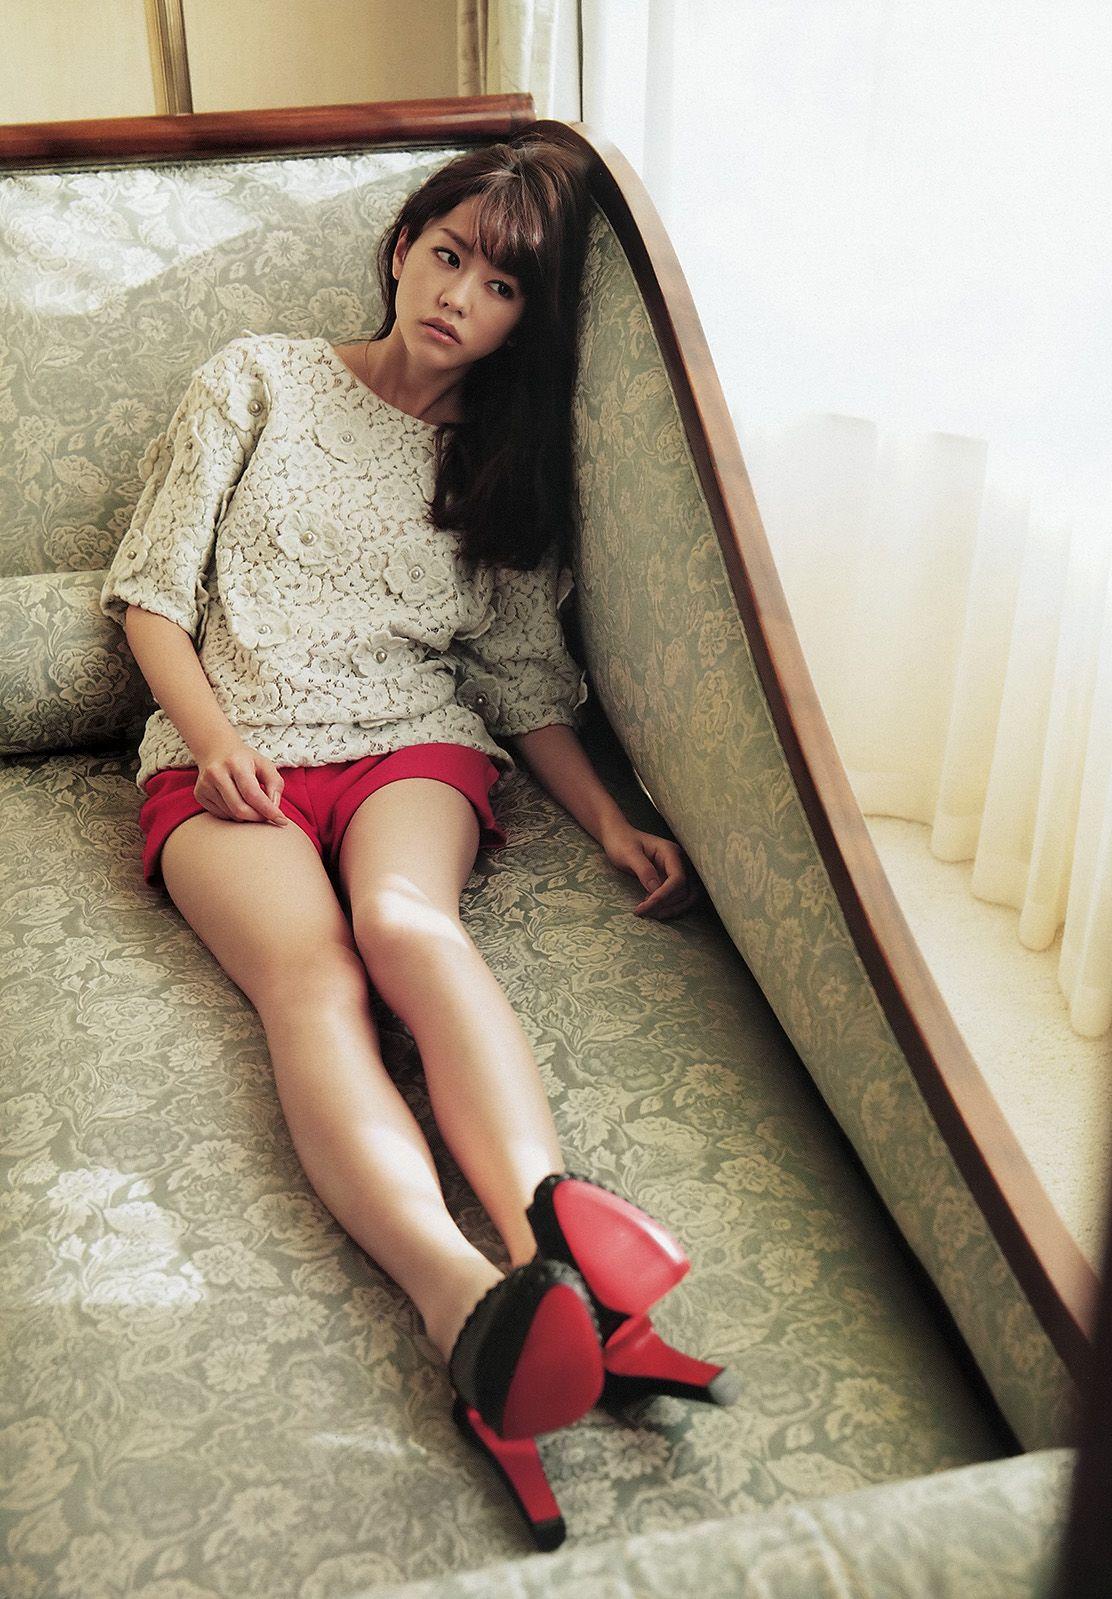 【桐谷美玲ヌード】全裸だよね?細身好きにはたまんないスレンダーボディーの桐谷美玲のグラビア&芸能人お宝画像★・36枚目の画像